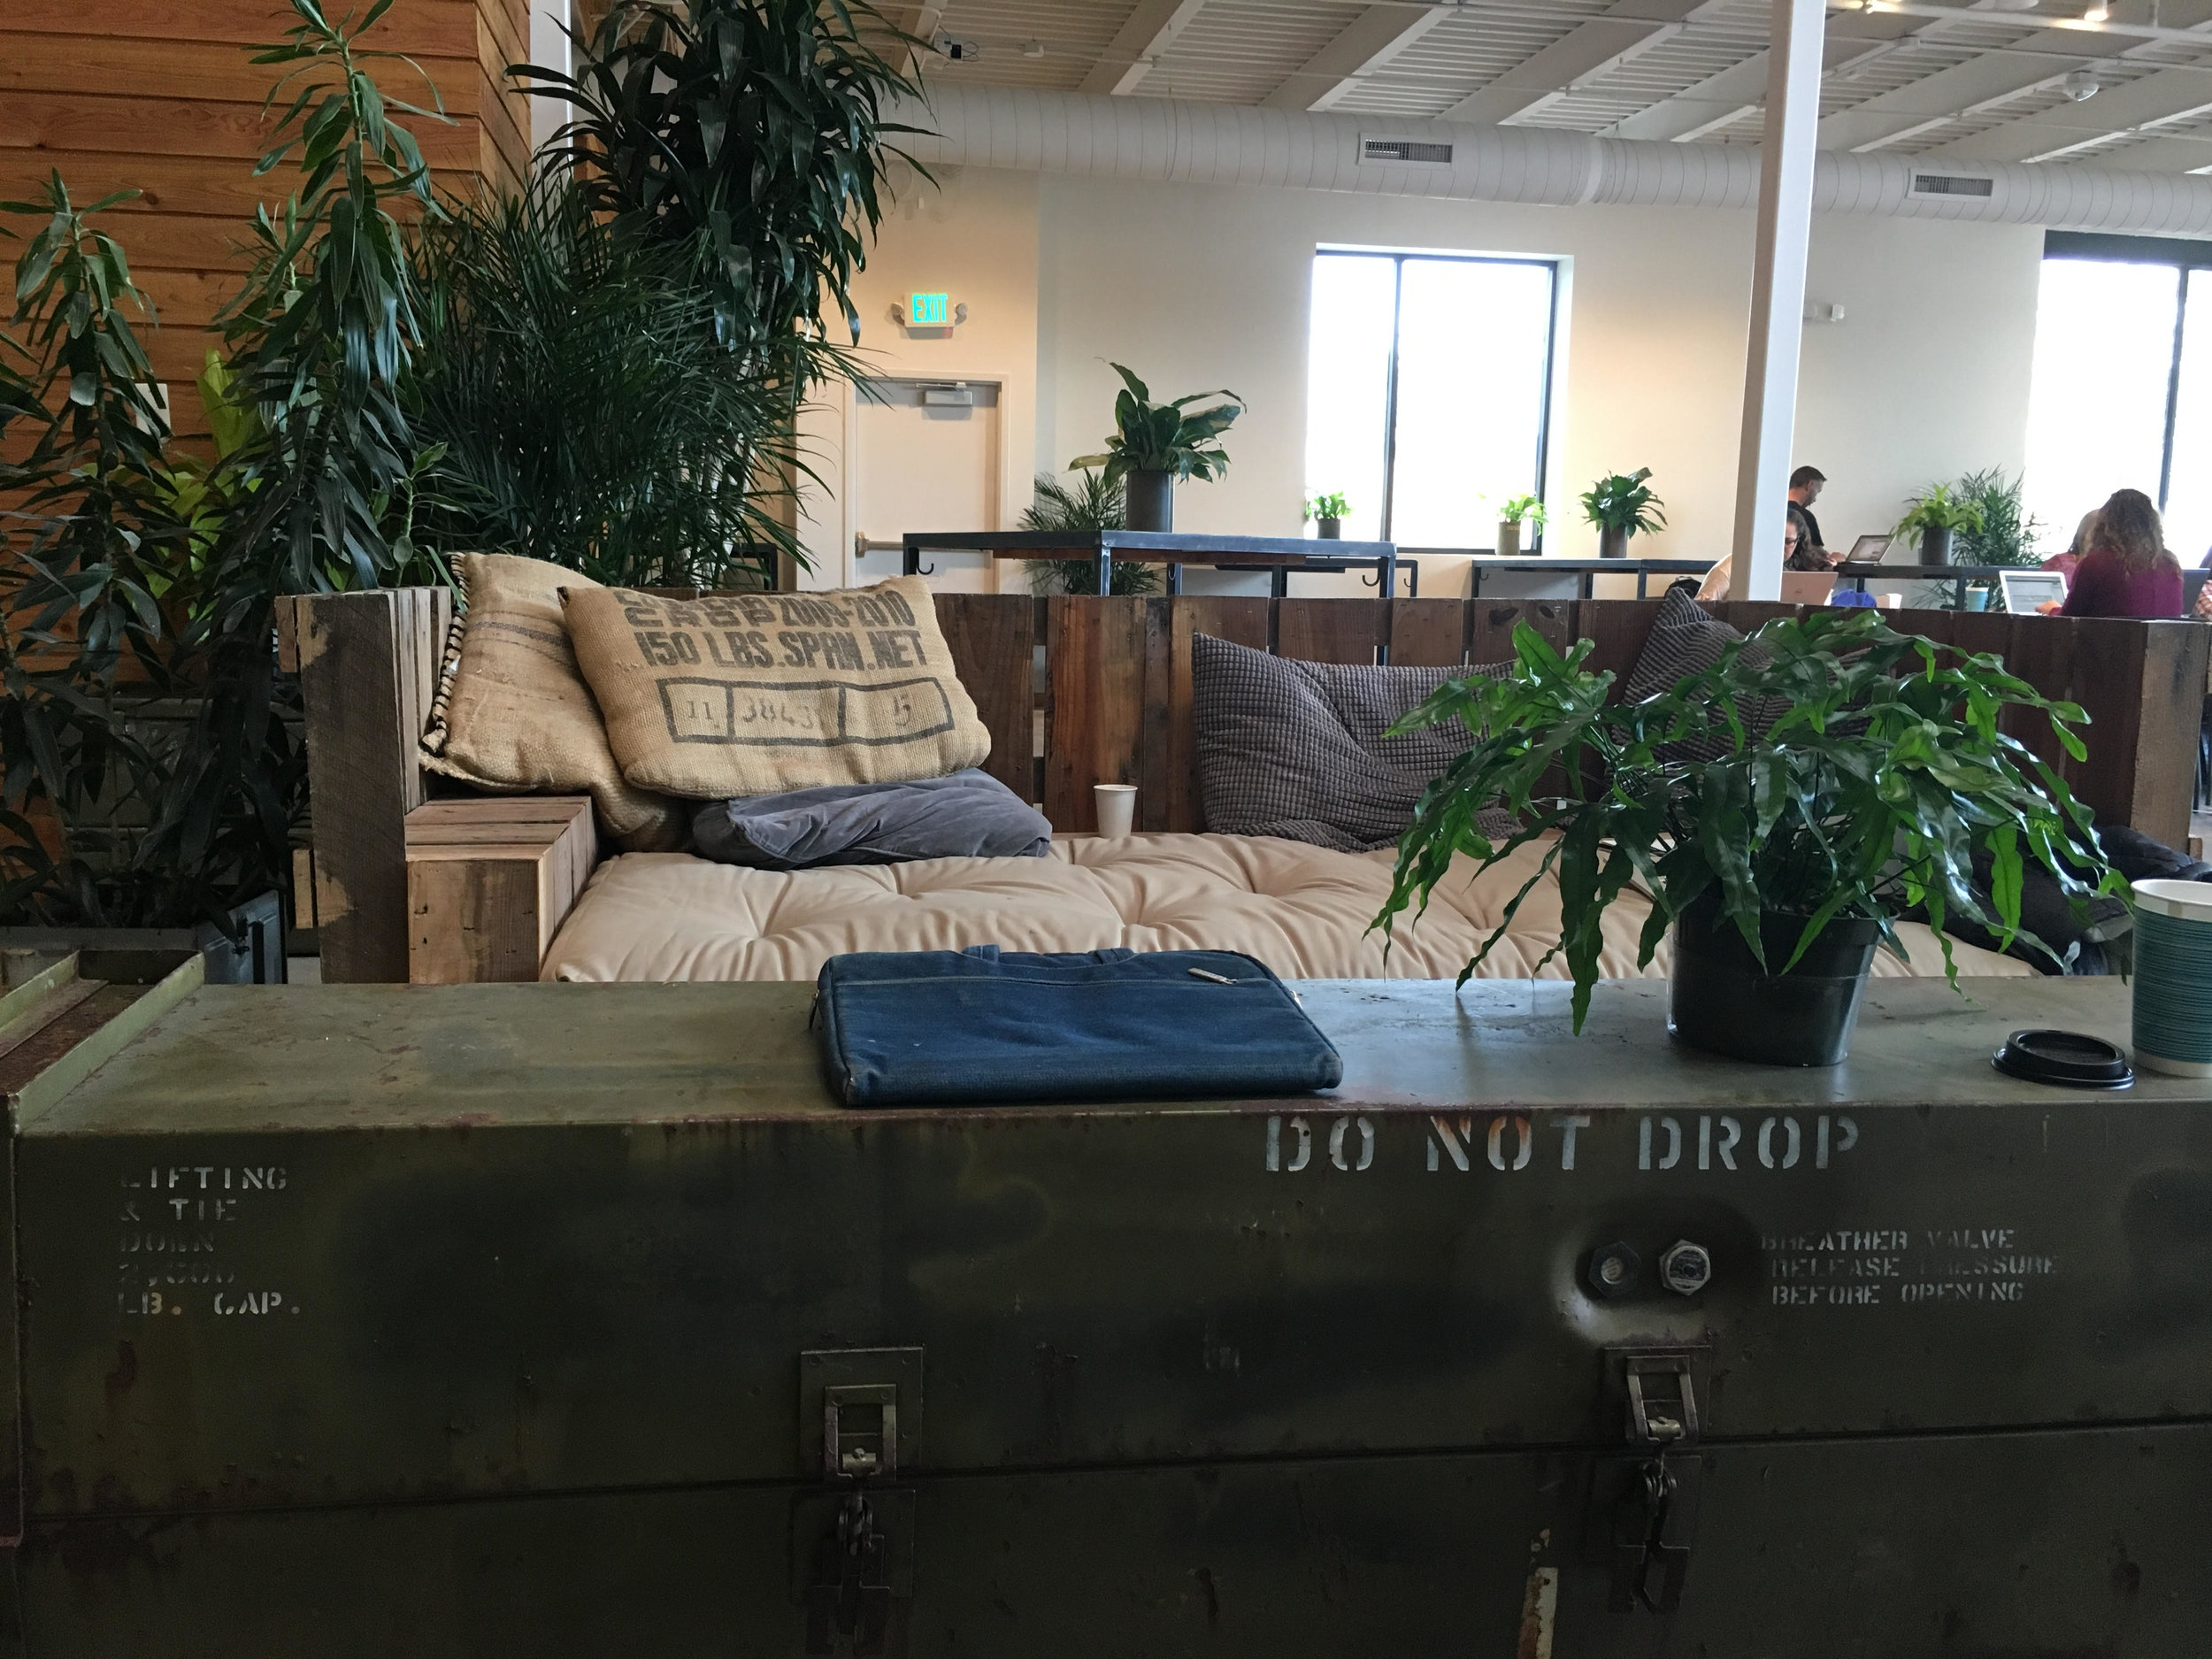 Crashed airplane furniture